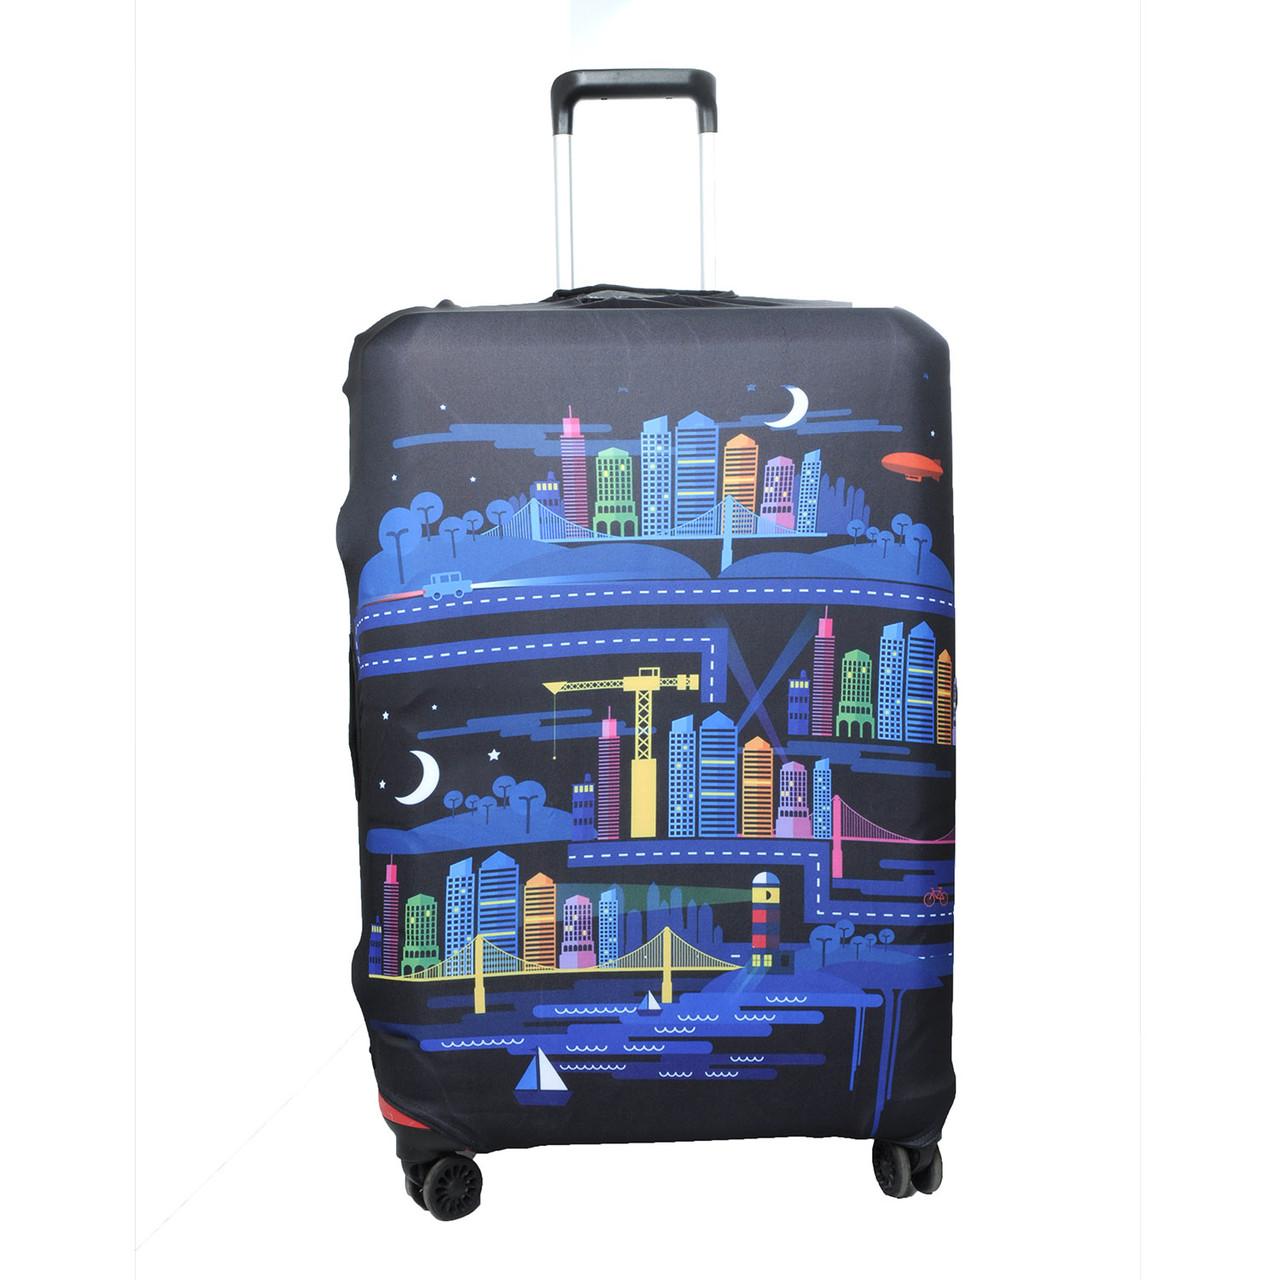 Чехол для чемодана с принтом L (65 - 75 см) микс, (Молния, фастекс, пакет)